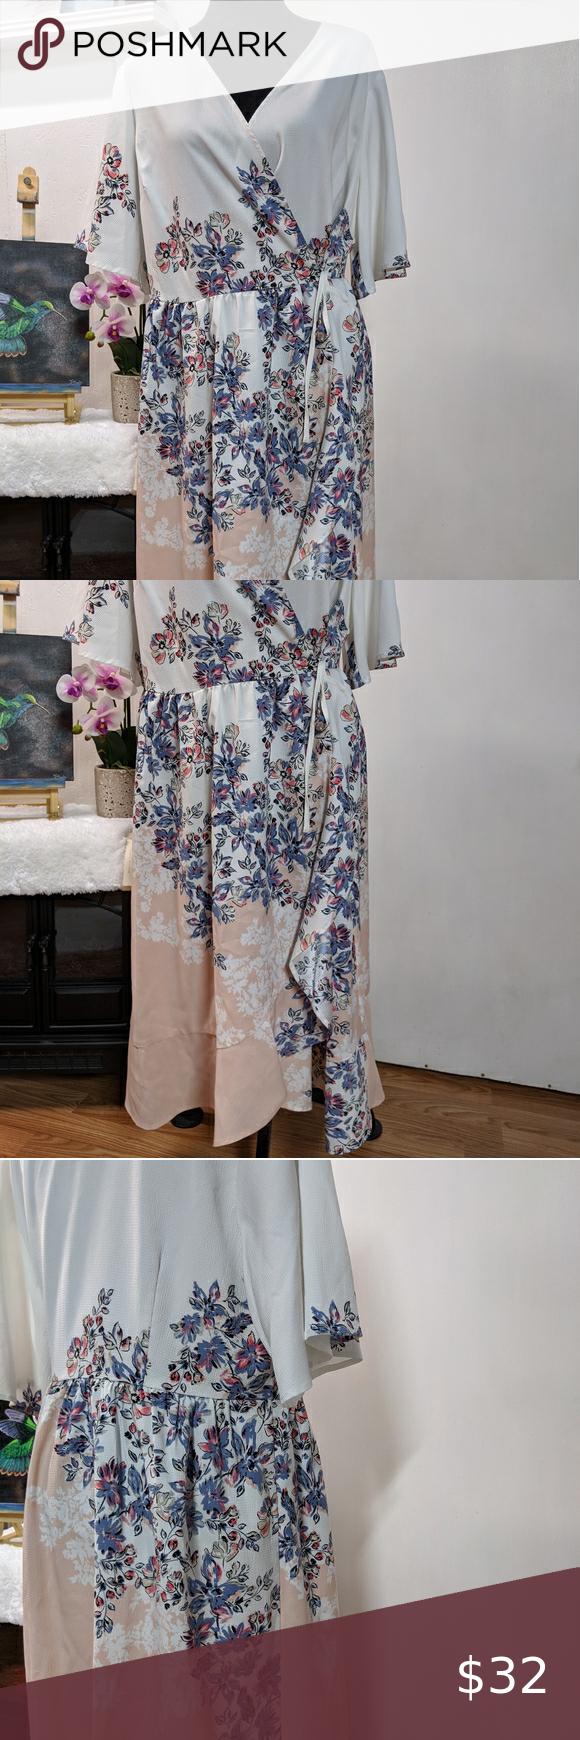 Kaari Blue Dress 2x Spring Floral Dresses 2x Dresses Clothes Design [ 1740 x 580 Pixel ]